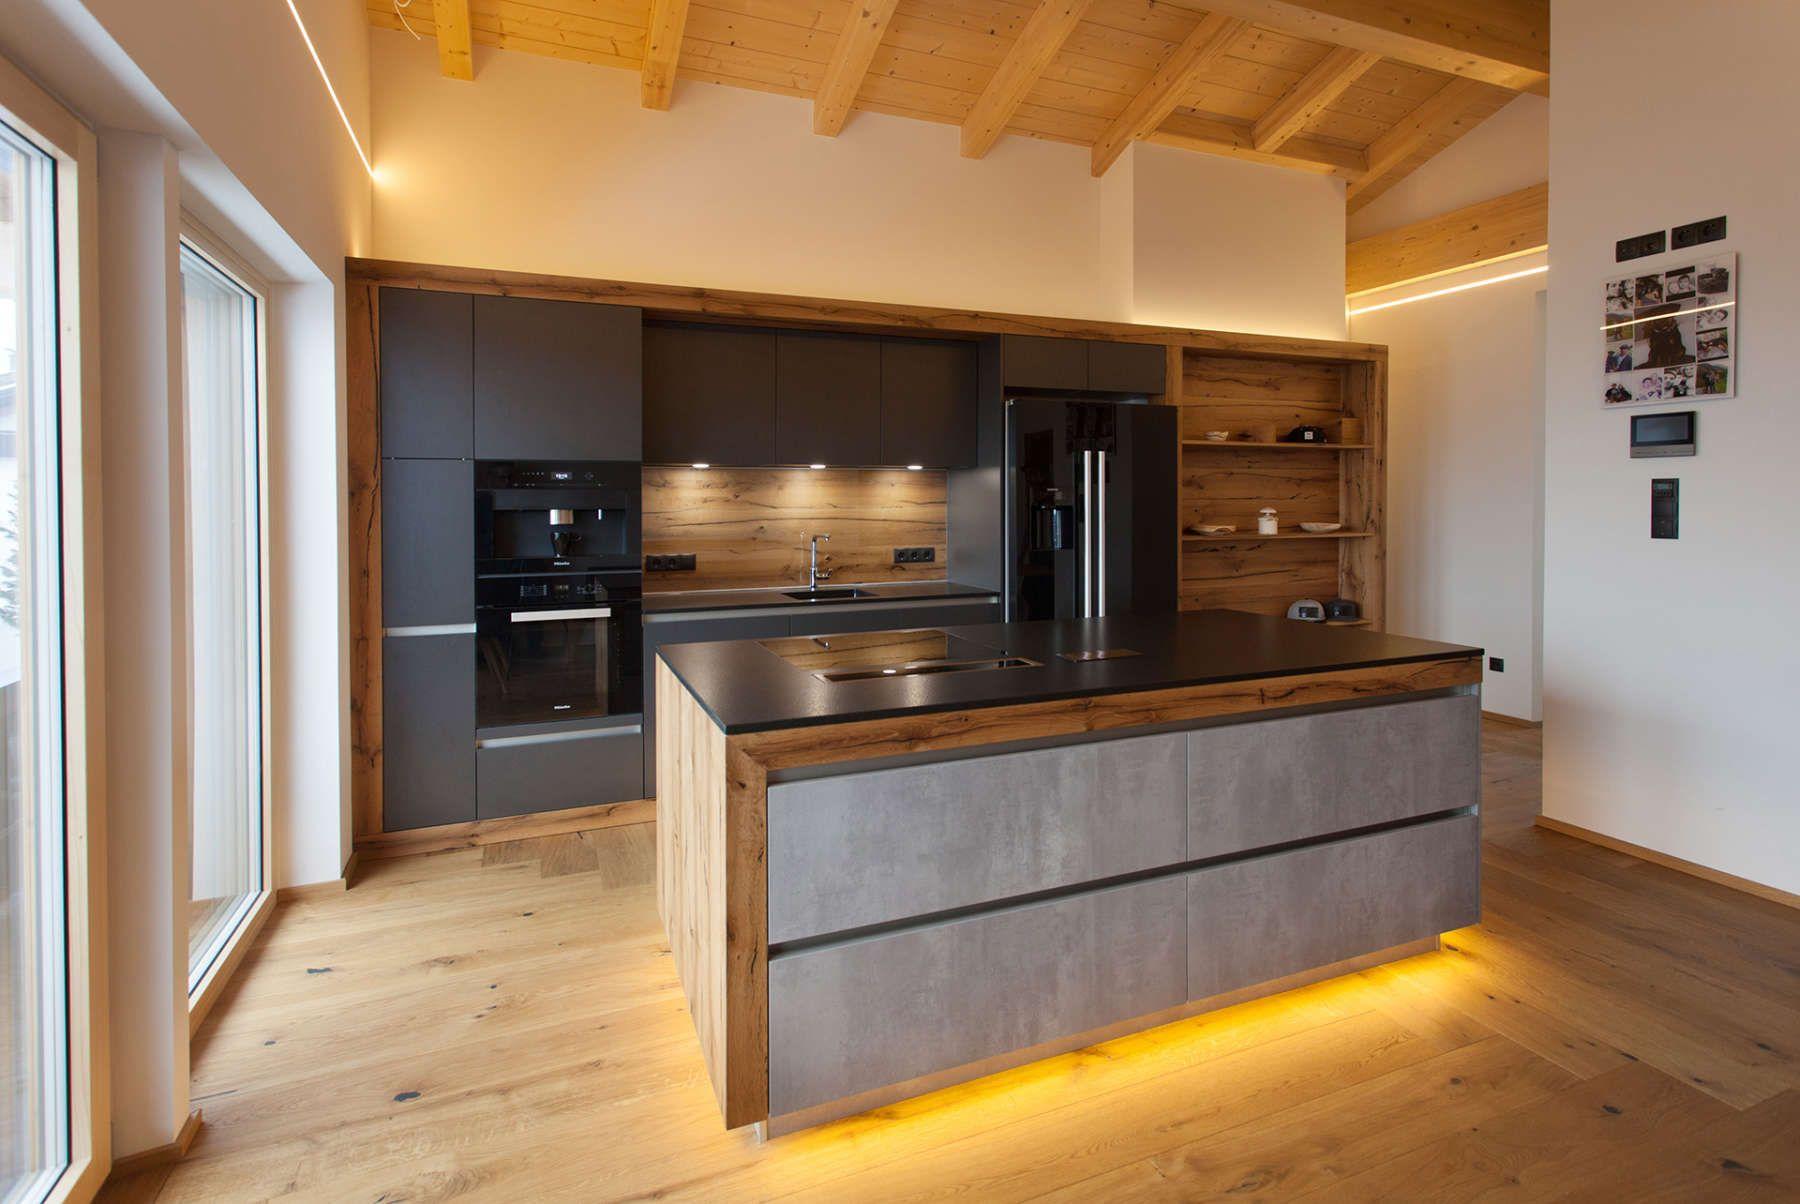 Moderne Küchen Ihre Design Küche nach Maß Das Aroma eines frisch